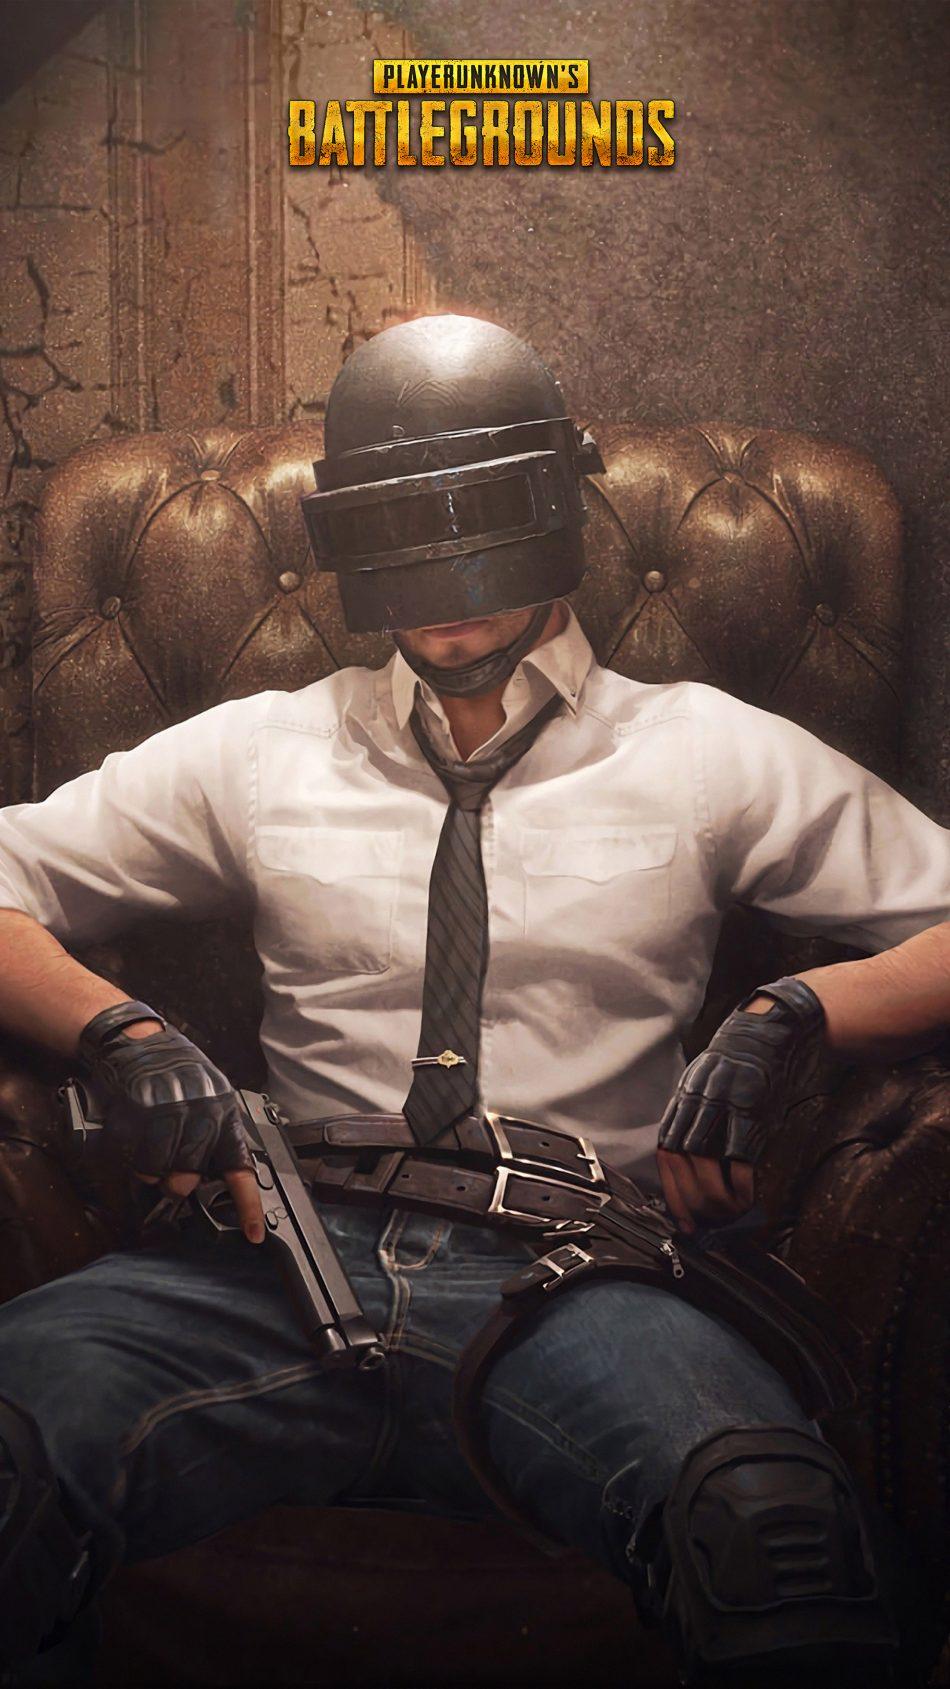 Download PUBG Helmet Guy Playerunknowns Battlegrounds Pure 950x1689